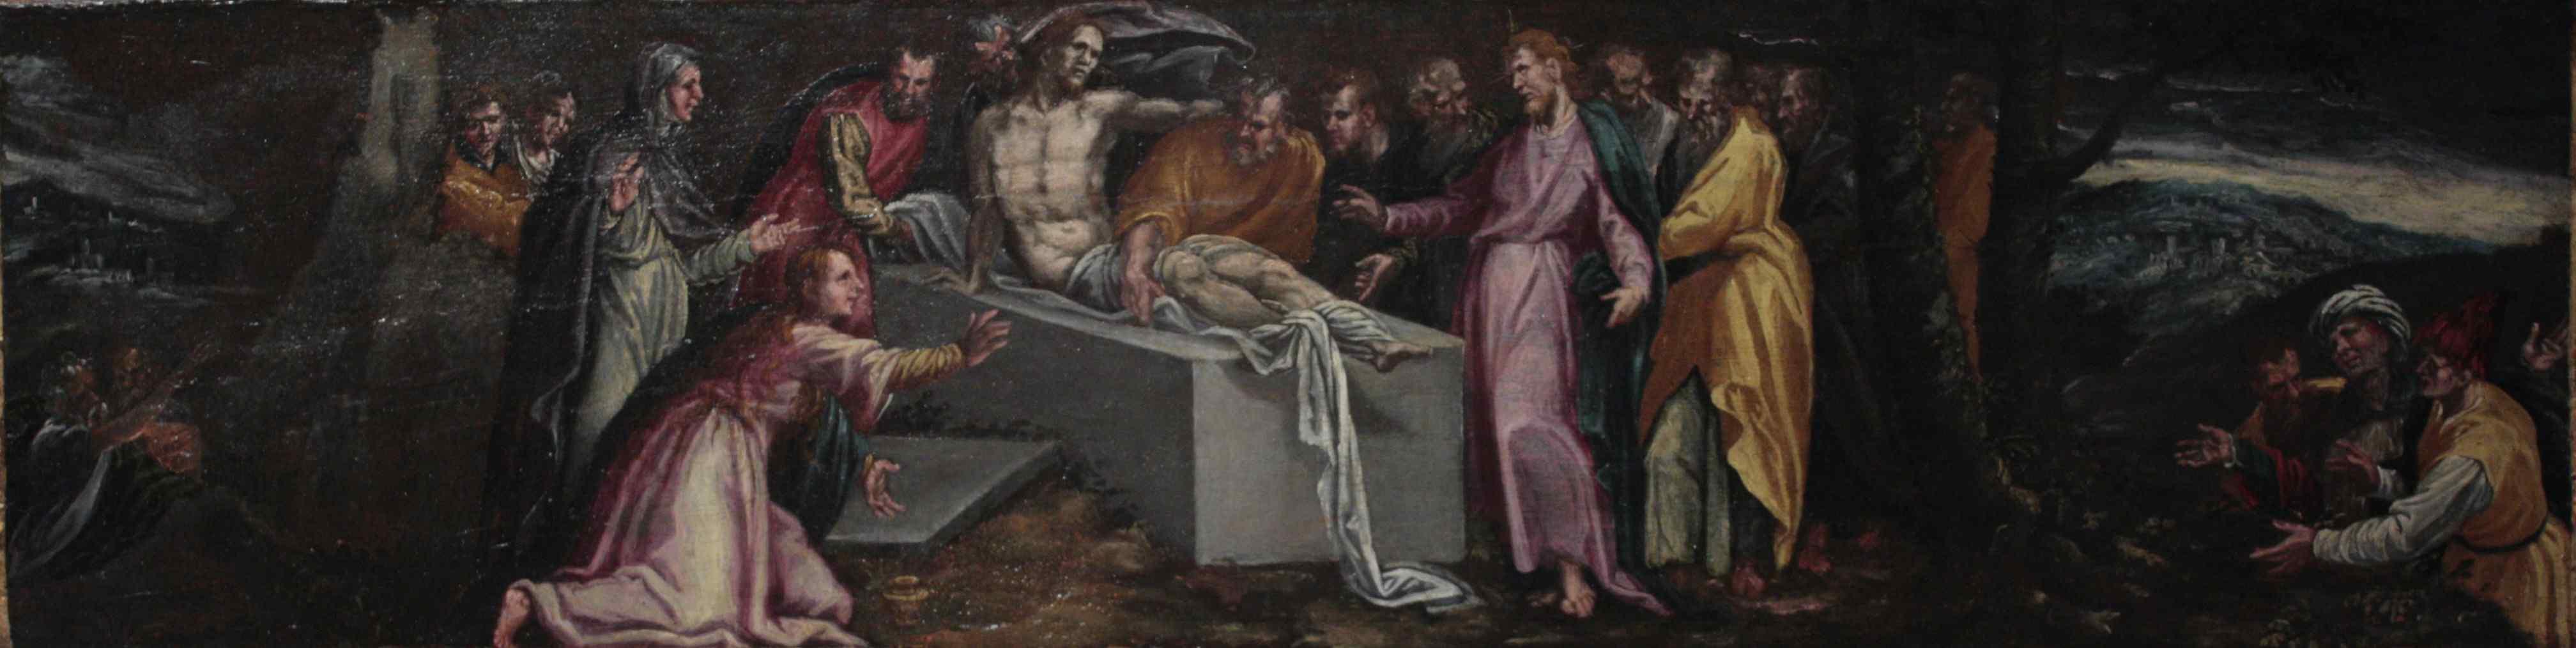 Paolo Fiammingo (Anversa 1540 - Venezia 1596) - Resurrezione